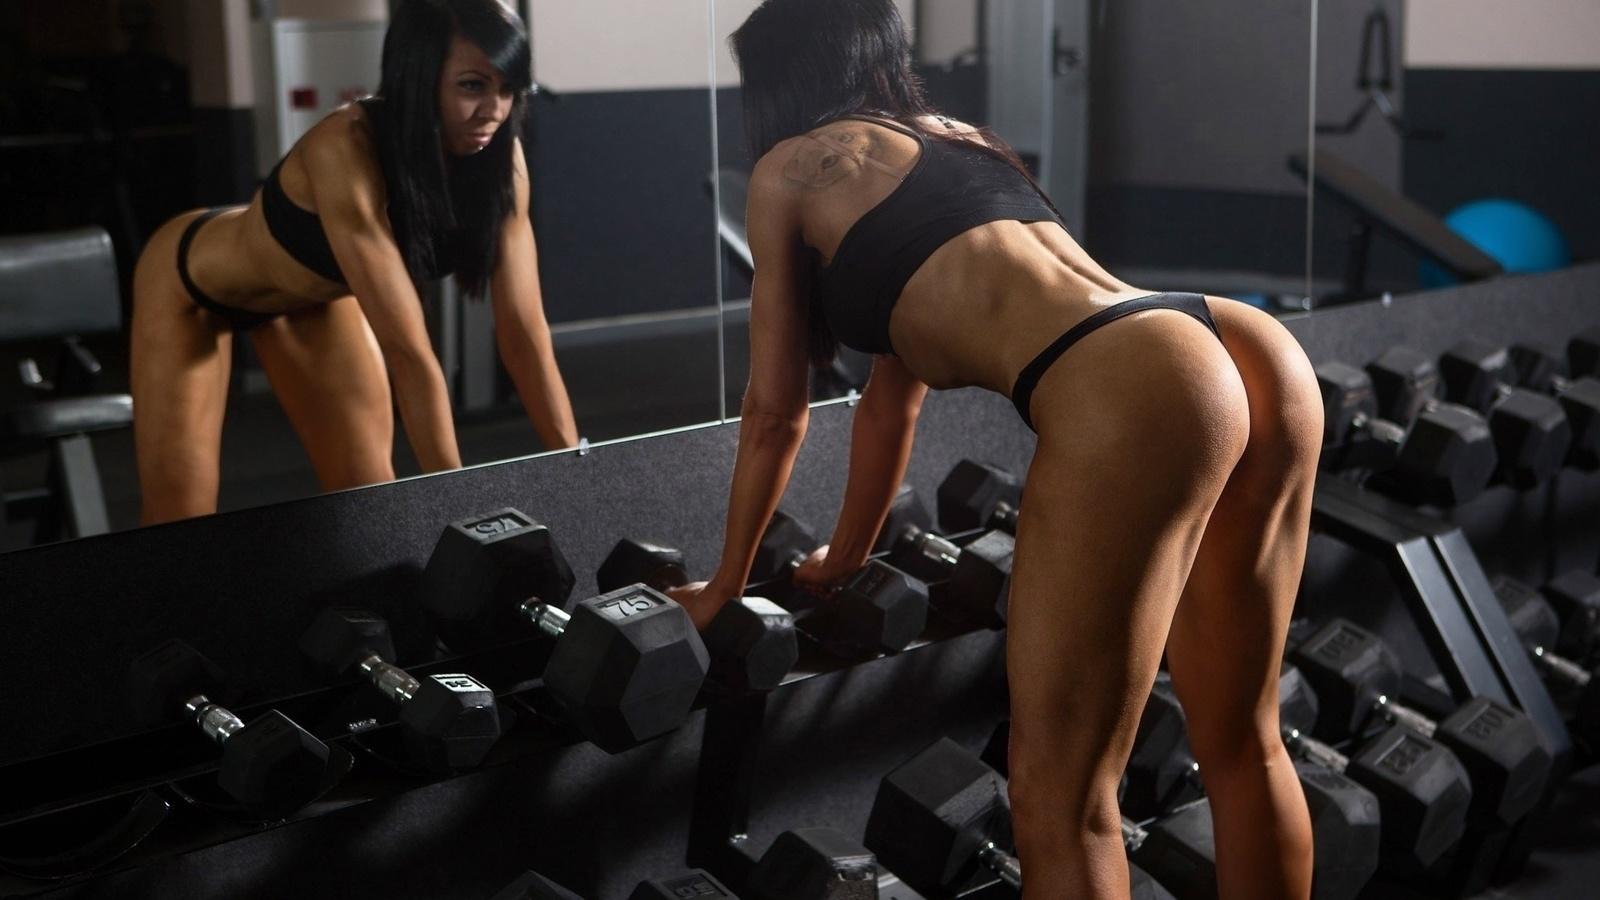 никак мог фитнес клуб и секси девушки видео стал смотреть остальных